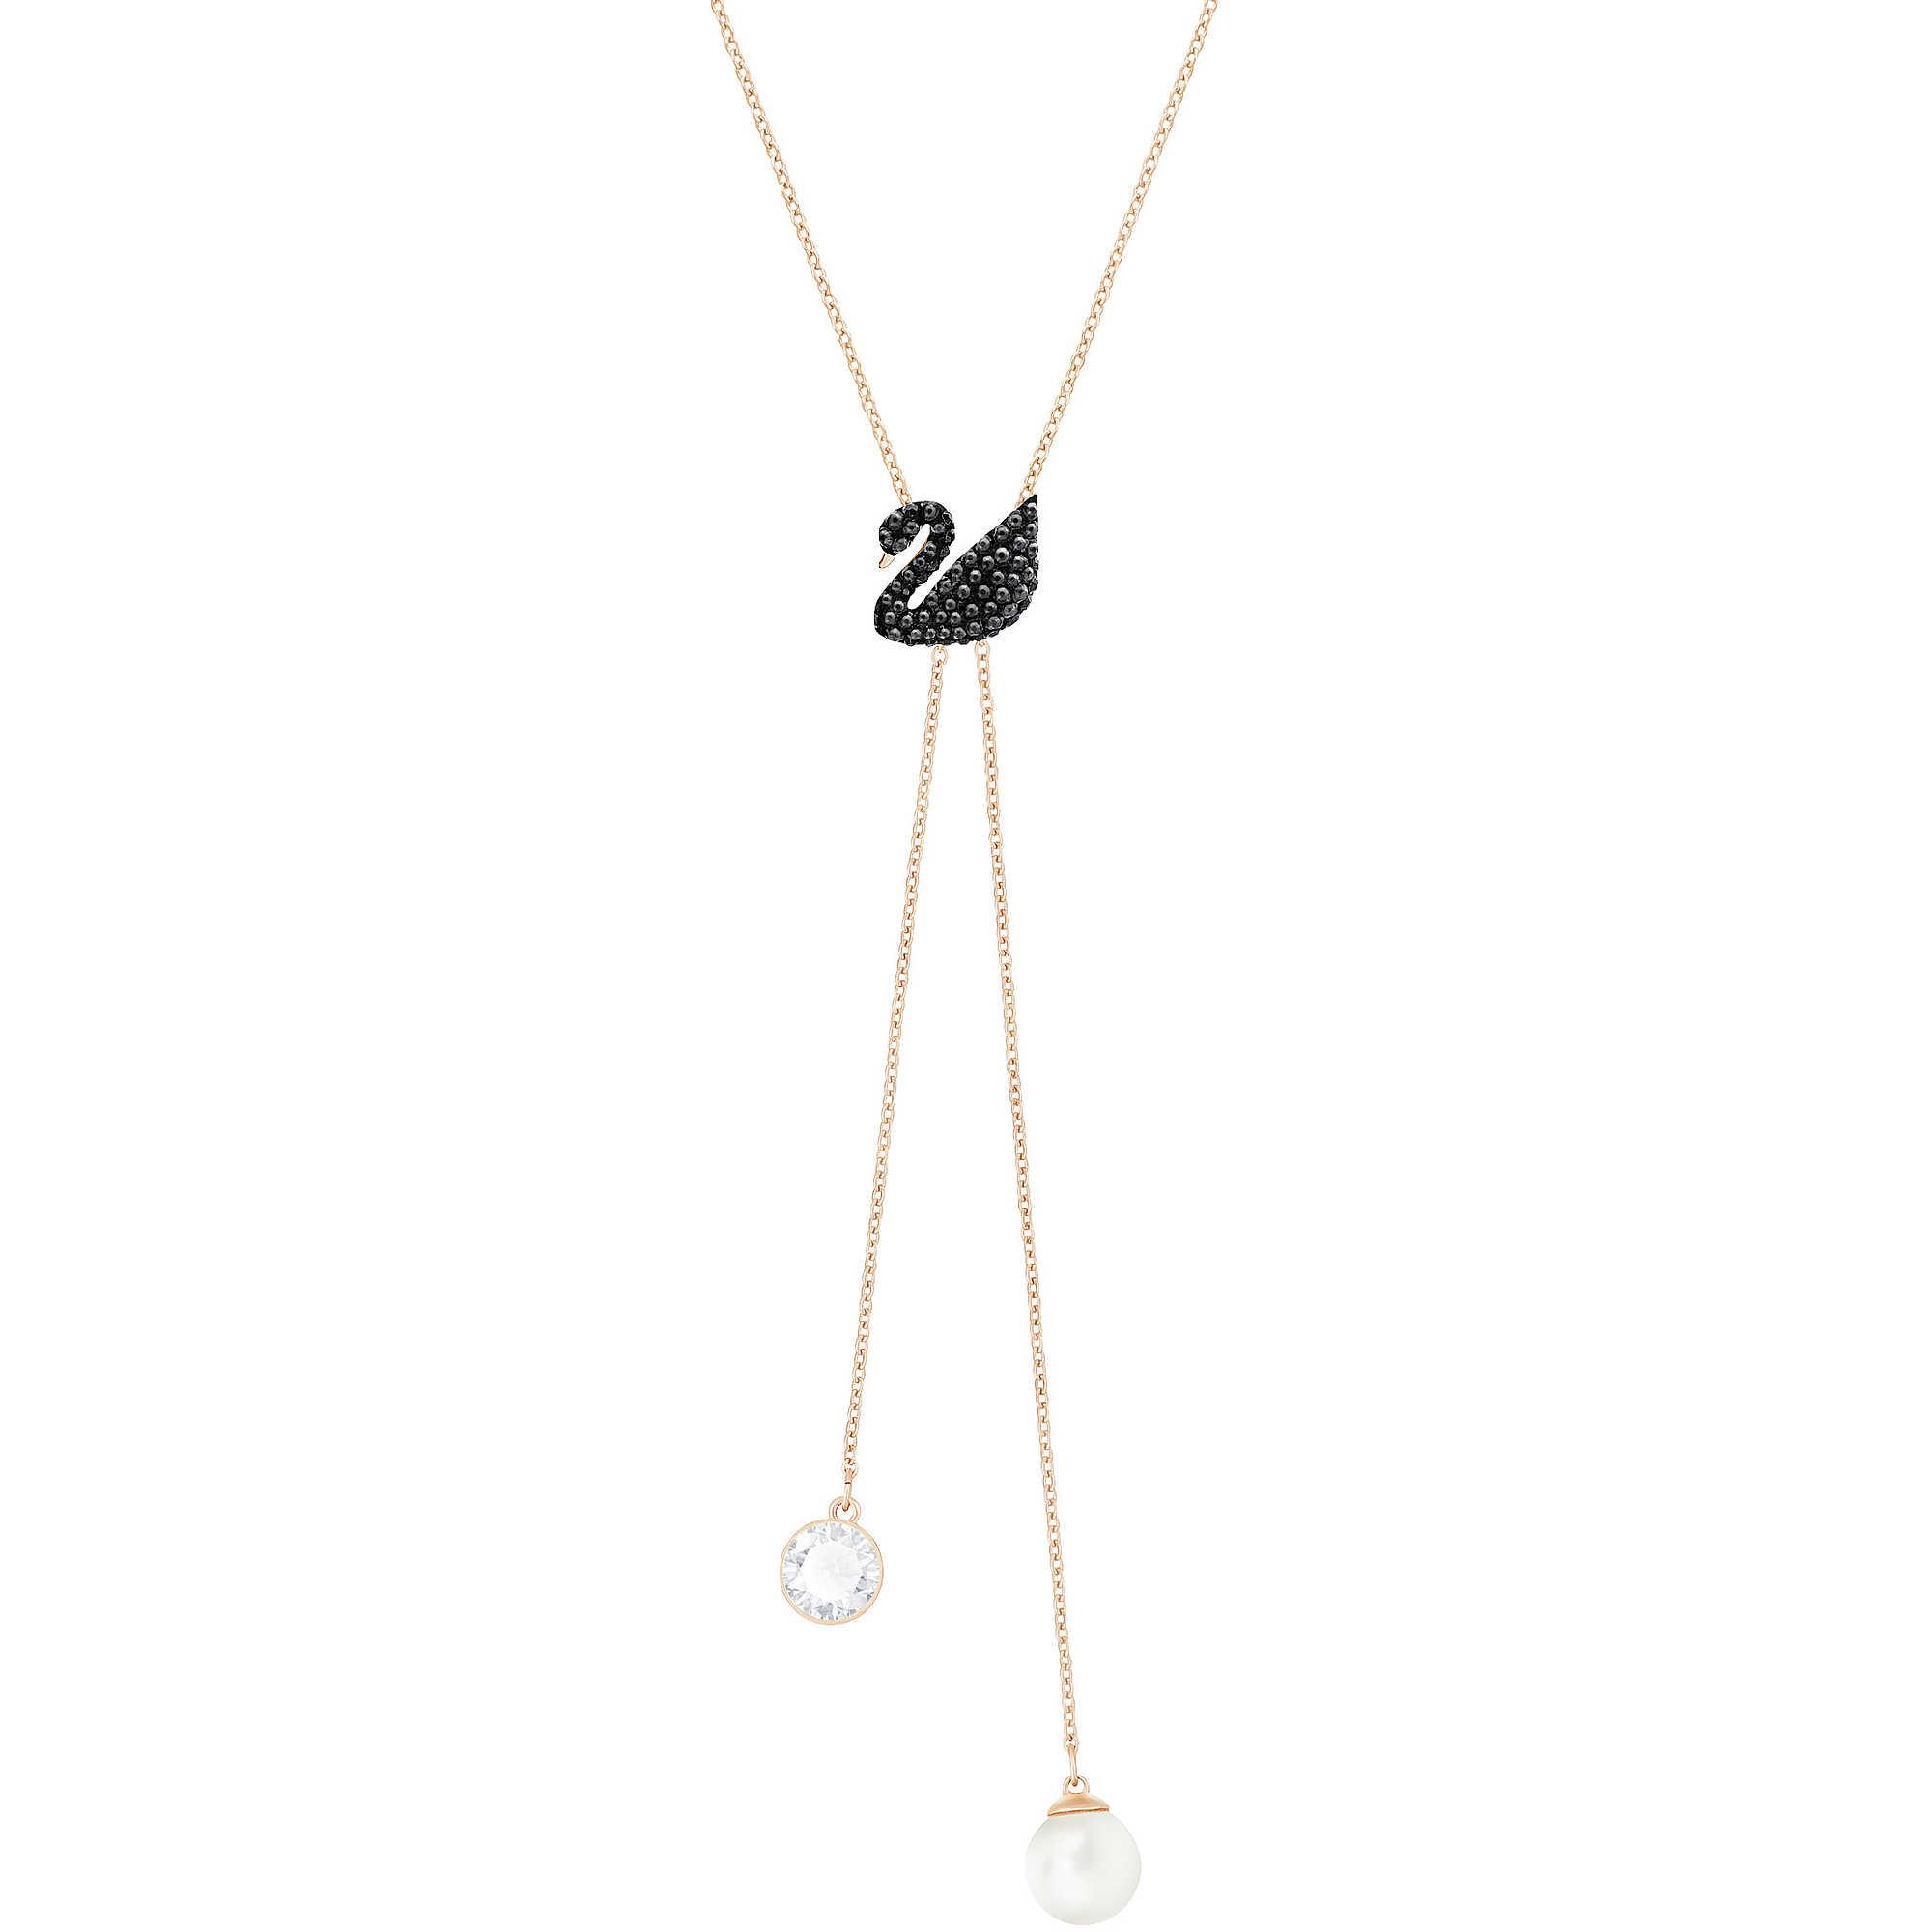 cavallino collection necklace on store ferrari ferraristore pendant available com rampante damiani yellow gold pin